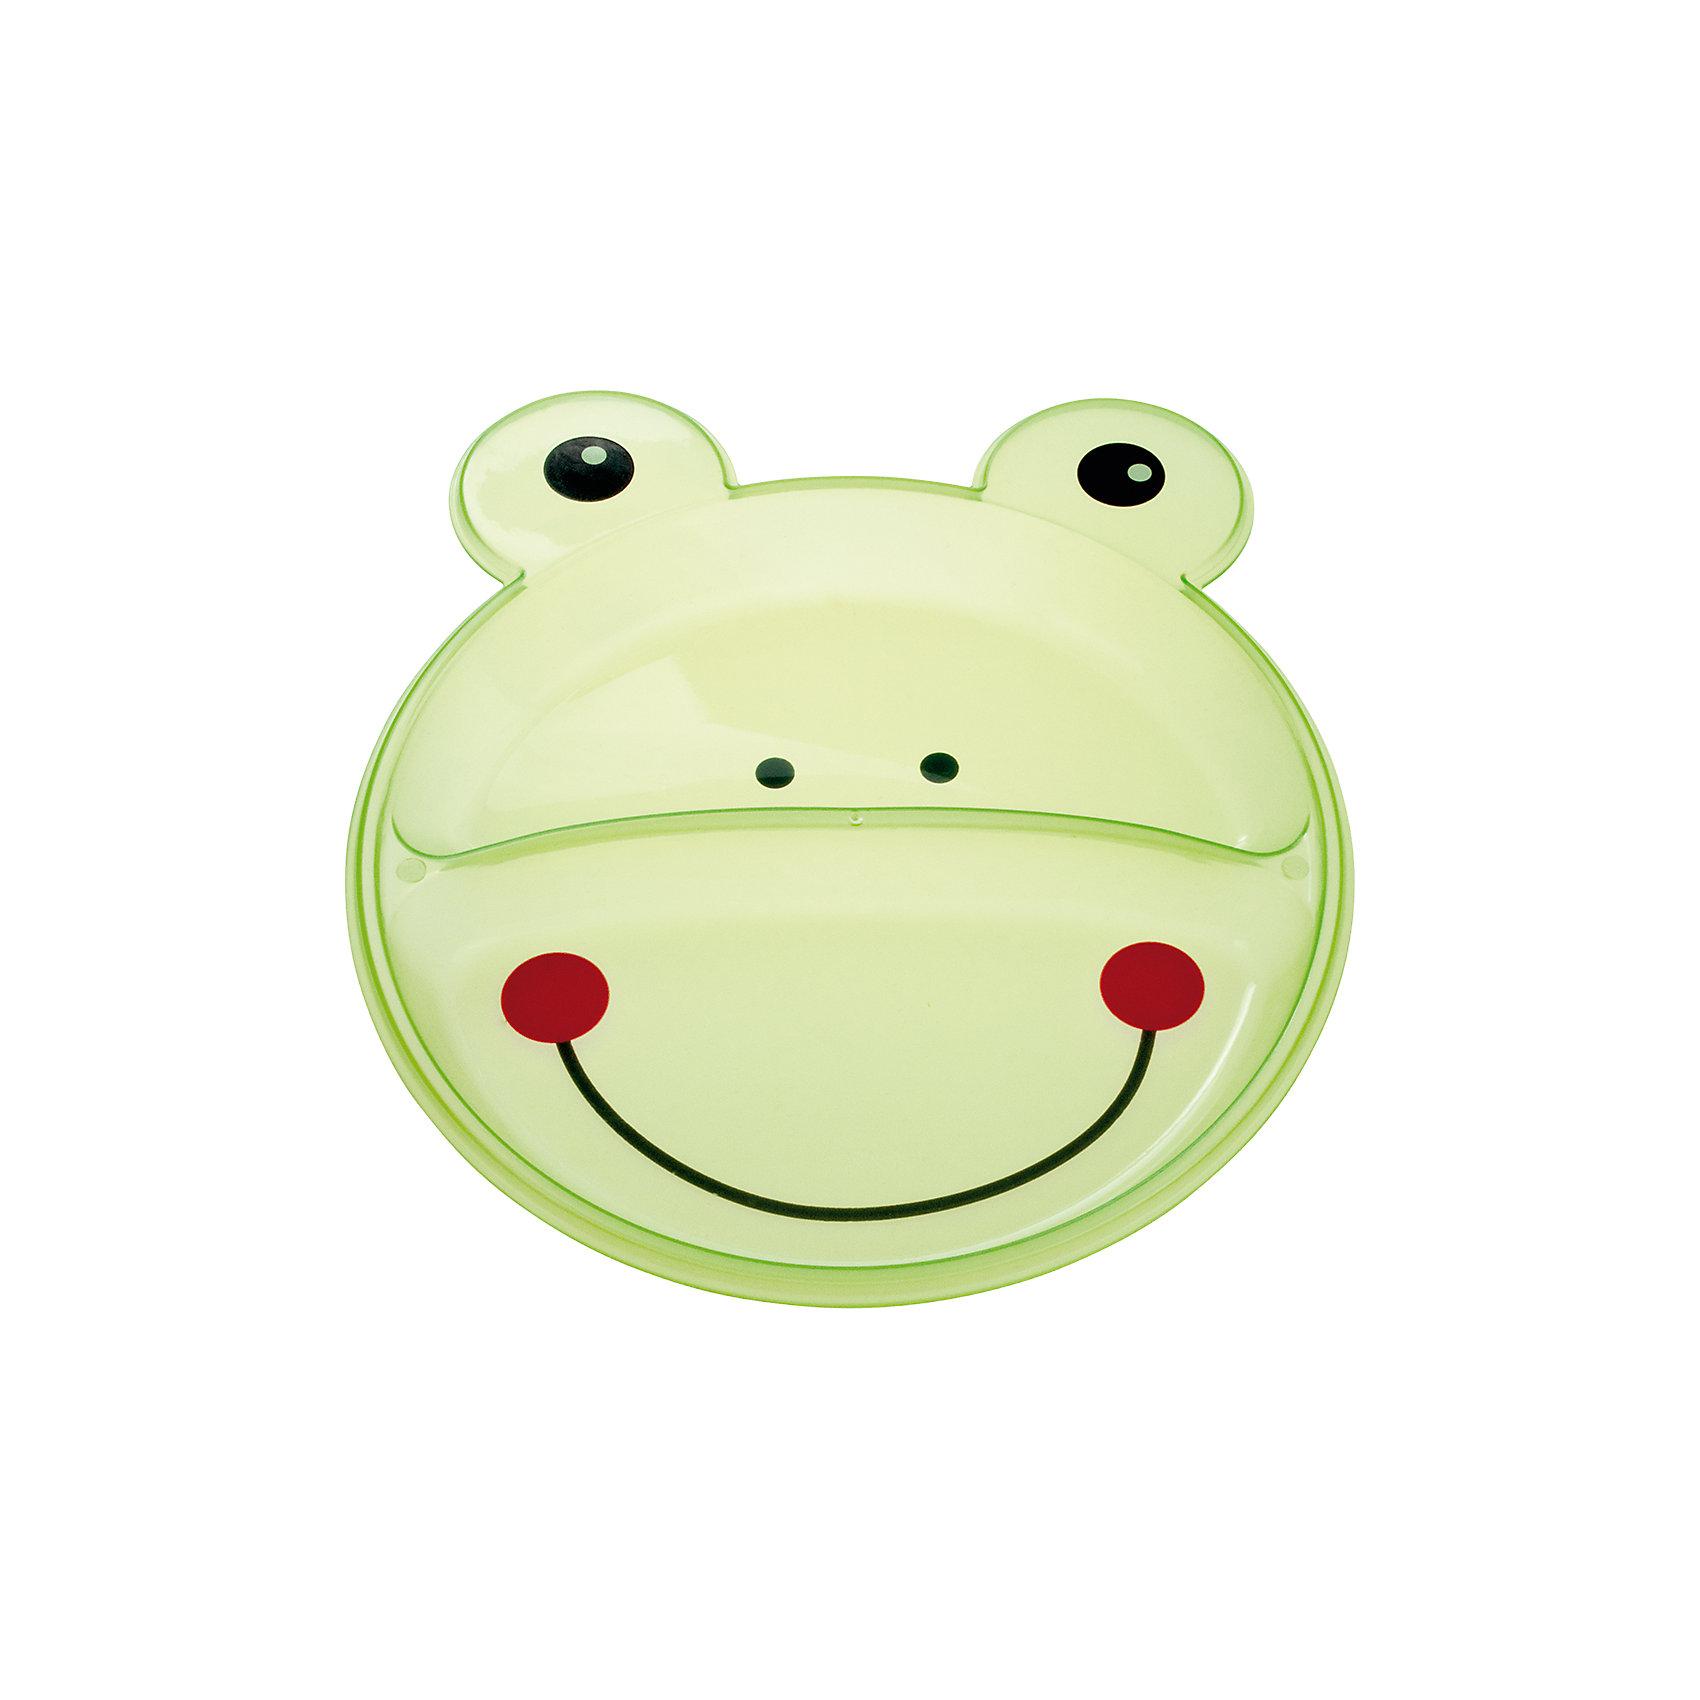 Тарелка с разделением Animals Лягушонок, 9+, Canpol Babies, зеленыйПосуда для малышей<br>Тарелка с разделением Animals Лягушонок, 9+, Canpol Babies (Канпол беби), зеленый.<br><br>Характеристики:<br>• есть 2 отсека для еды<br>• не содержит бисфенол-А<br>• можно использовать в микроволновой печи и посудомоечной машине<br>• интересный дизайн<br>• размер упаковки: 2х17,7х21,5 см<br>• вес: 100 грамм<br>• объем: 400 мл<br>• цвет: зеленый<br>• материал: пластик <br><br>Тарелка Лягушонок изготовлена из качественного пластика и не содержит бисфенол-А. Тарелка имеет 2 отсека для еды. Вы сможете подать отдельно мясо и гарнир или кашу и фрукты. Посуда выполнена в виде улыбающегося лягушонка, который с удовольствием покажет крохе свою мордашку после обеда. Такая веселая тарелочка превратит прием пищи в веселую игру!<br><br>Тарелку с разделением Animals Лягушонок, 9+, Canpol Babies (Канпол беби), зеленый вы можете купить в нашем интернет-магазине.<br><br>Ширина мм: 20<br>Глубина мм: 215<br>Высота мм: 177<br>Вес г: 390<br>Возраст от месяцев: 9<br>Возраст до месяцев: 36<br>Пол: Унисекс<br>Возраст: Детский<br>SKU: 5156697